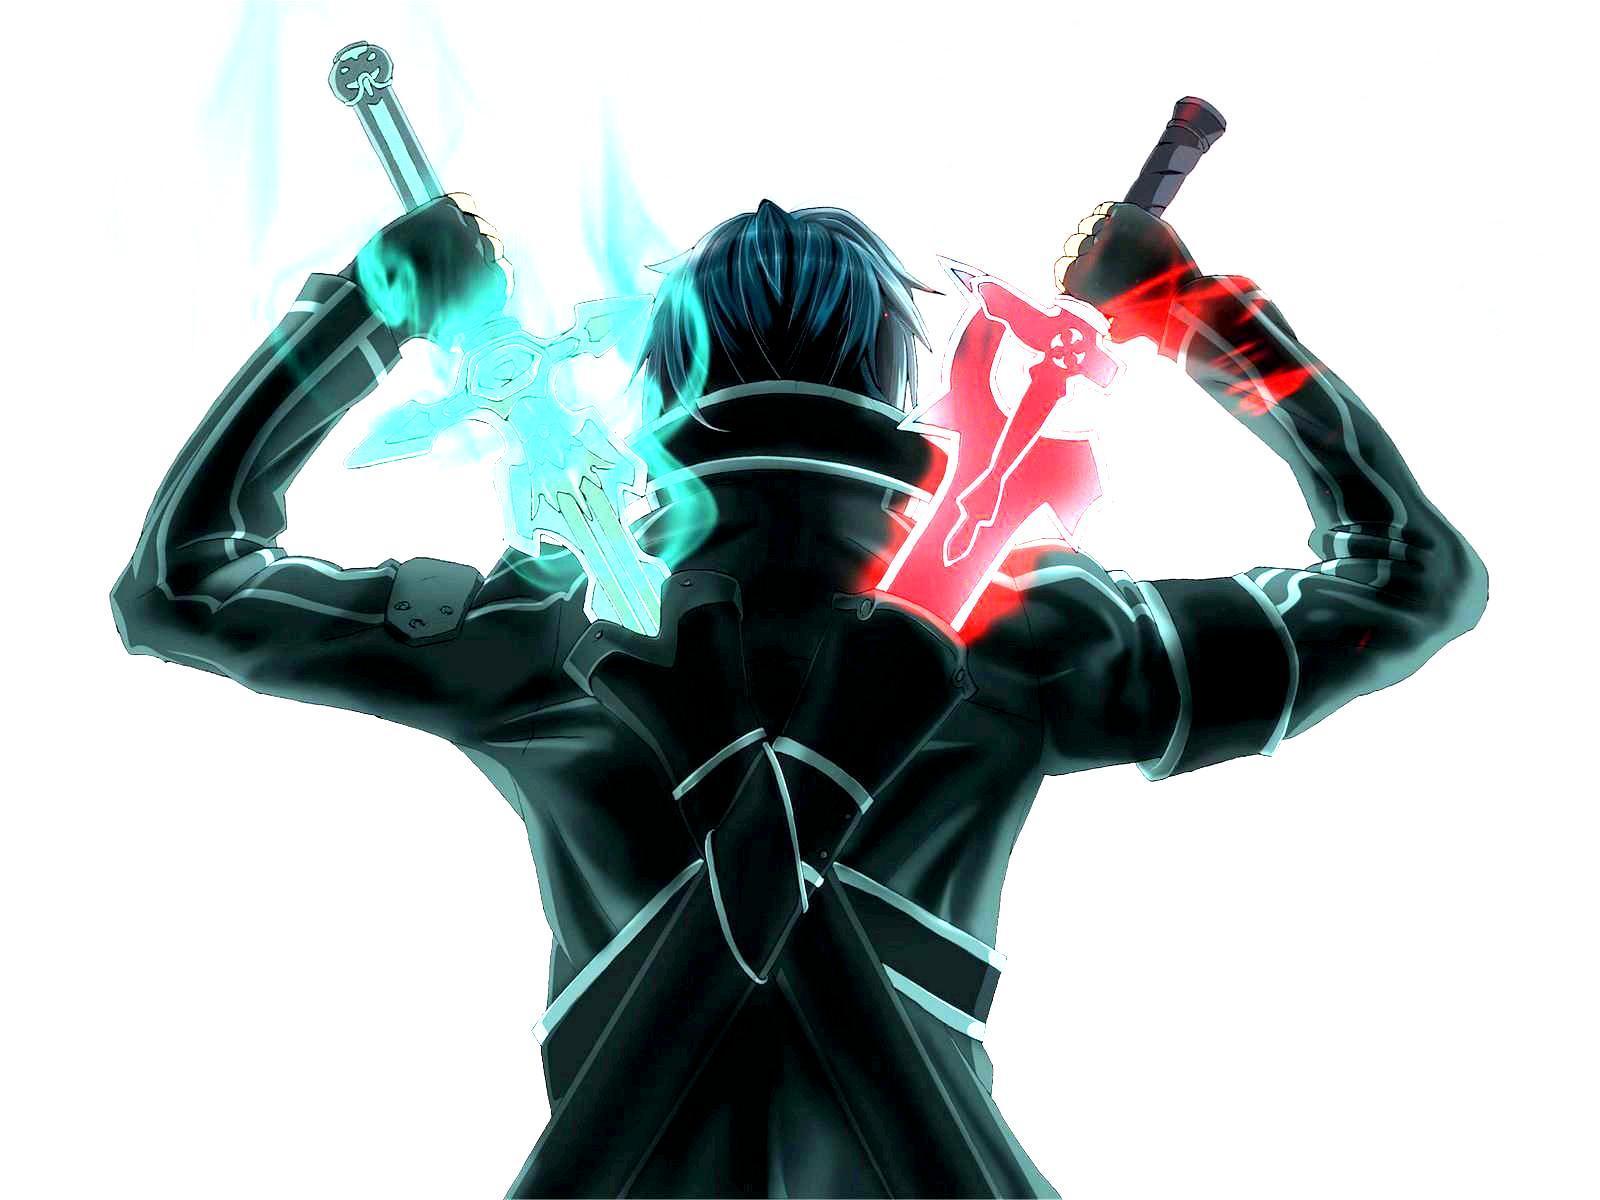 [Image: Kirito-s-Swords-anime-universe-35558128-1600-1200.jpg]